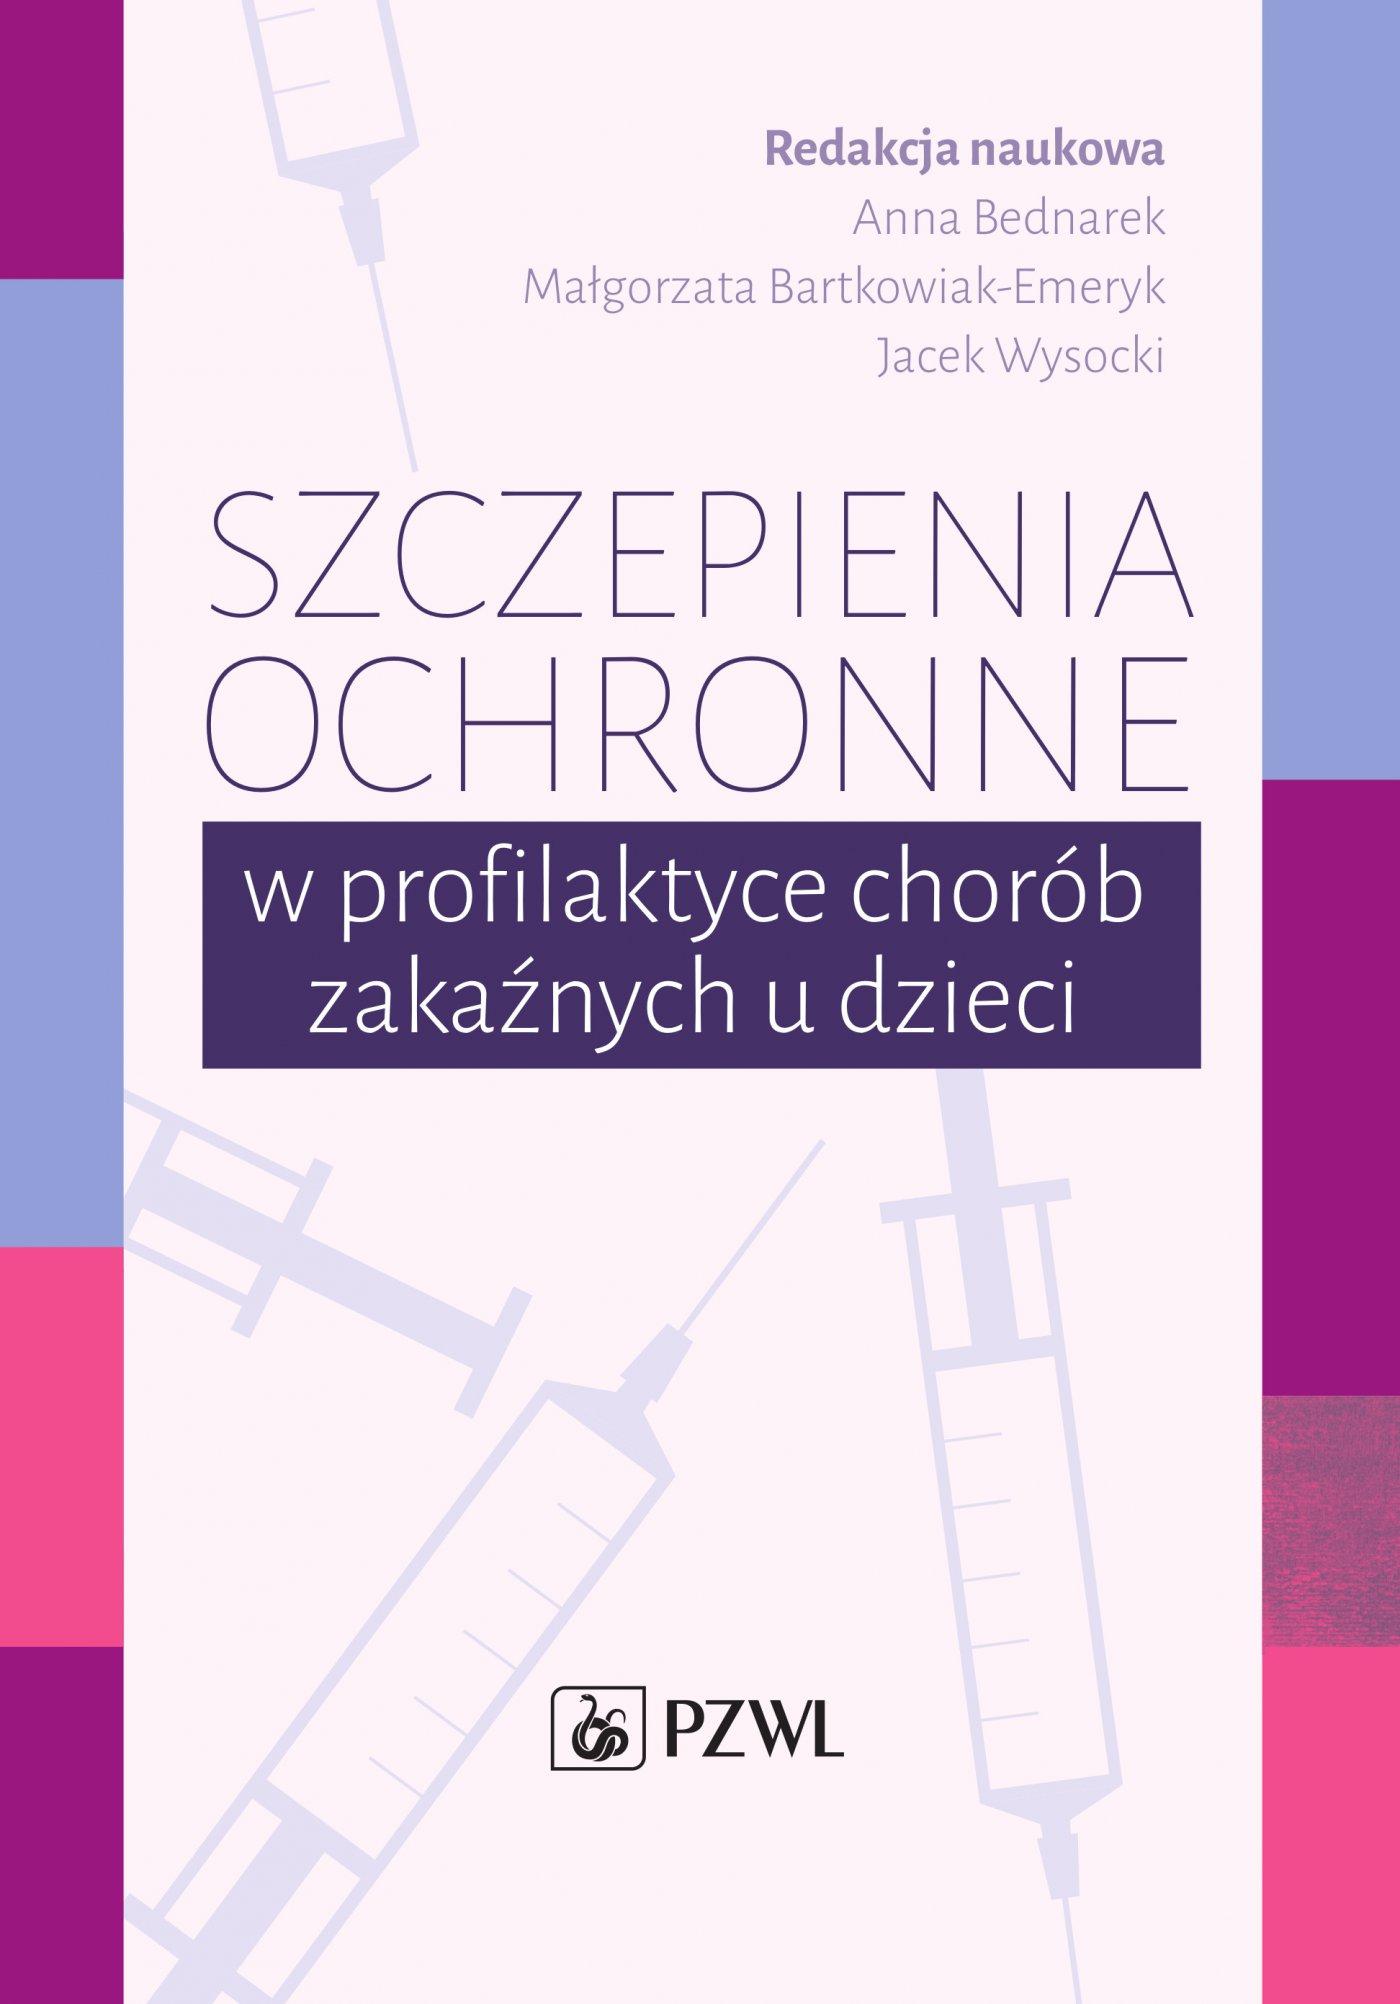 Szczepienia ochronne w profilaktyce chorób zakaźnych u dzieci - Ebook (Książka na Kindle) do pobrania w formacie MOBI